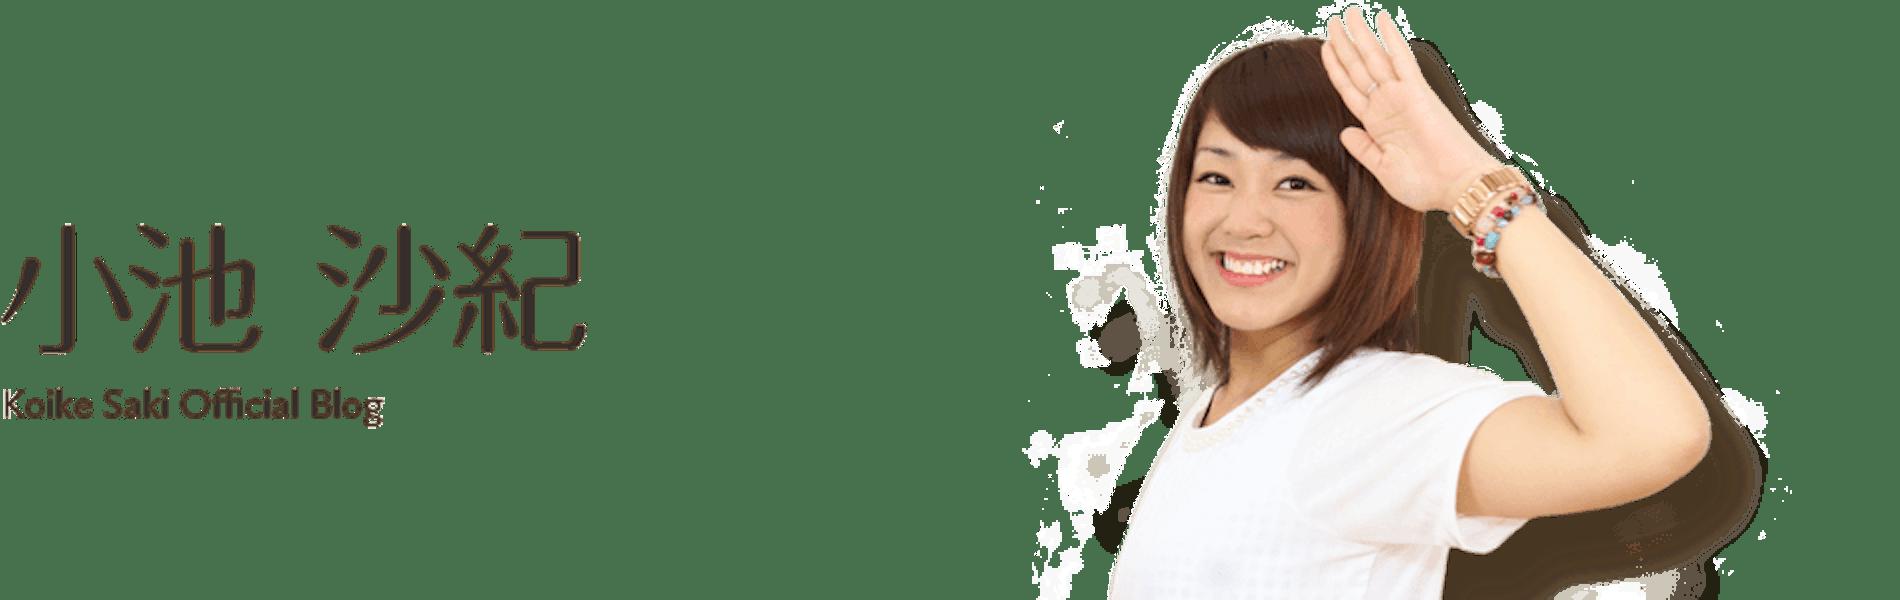 小池沙紀 オフィシャルブログ